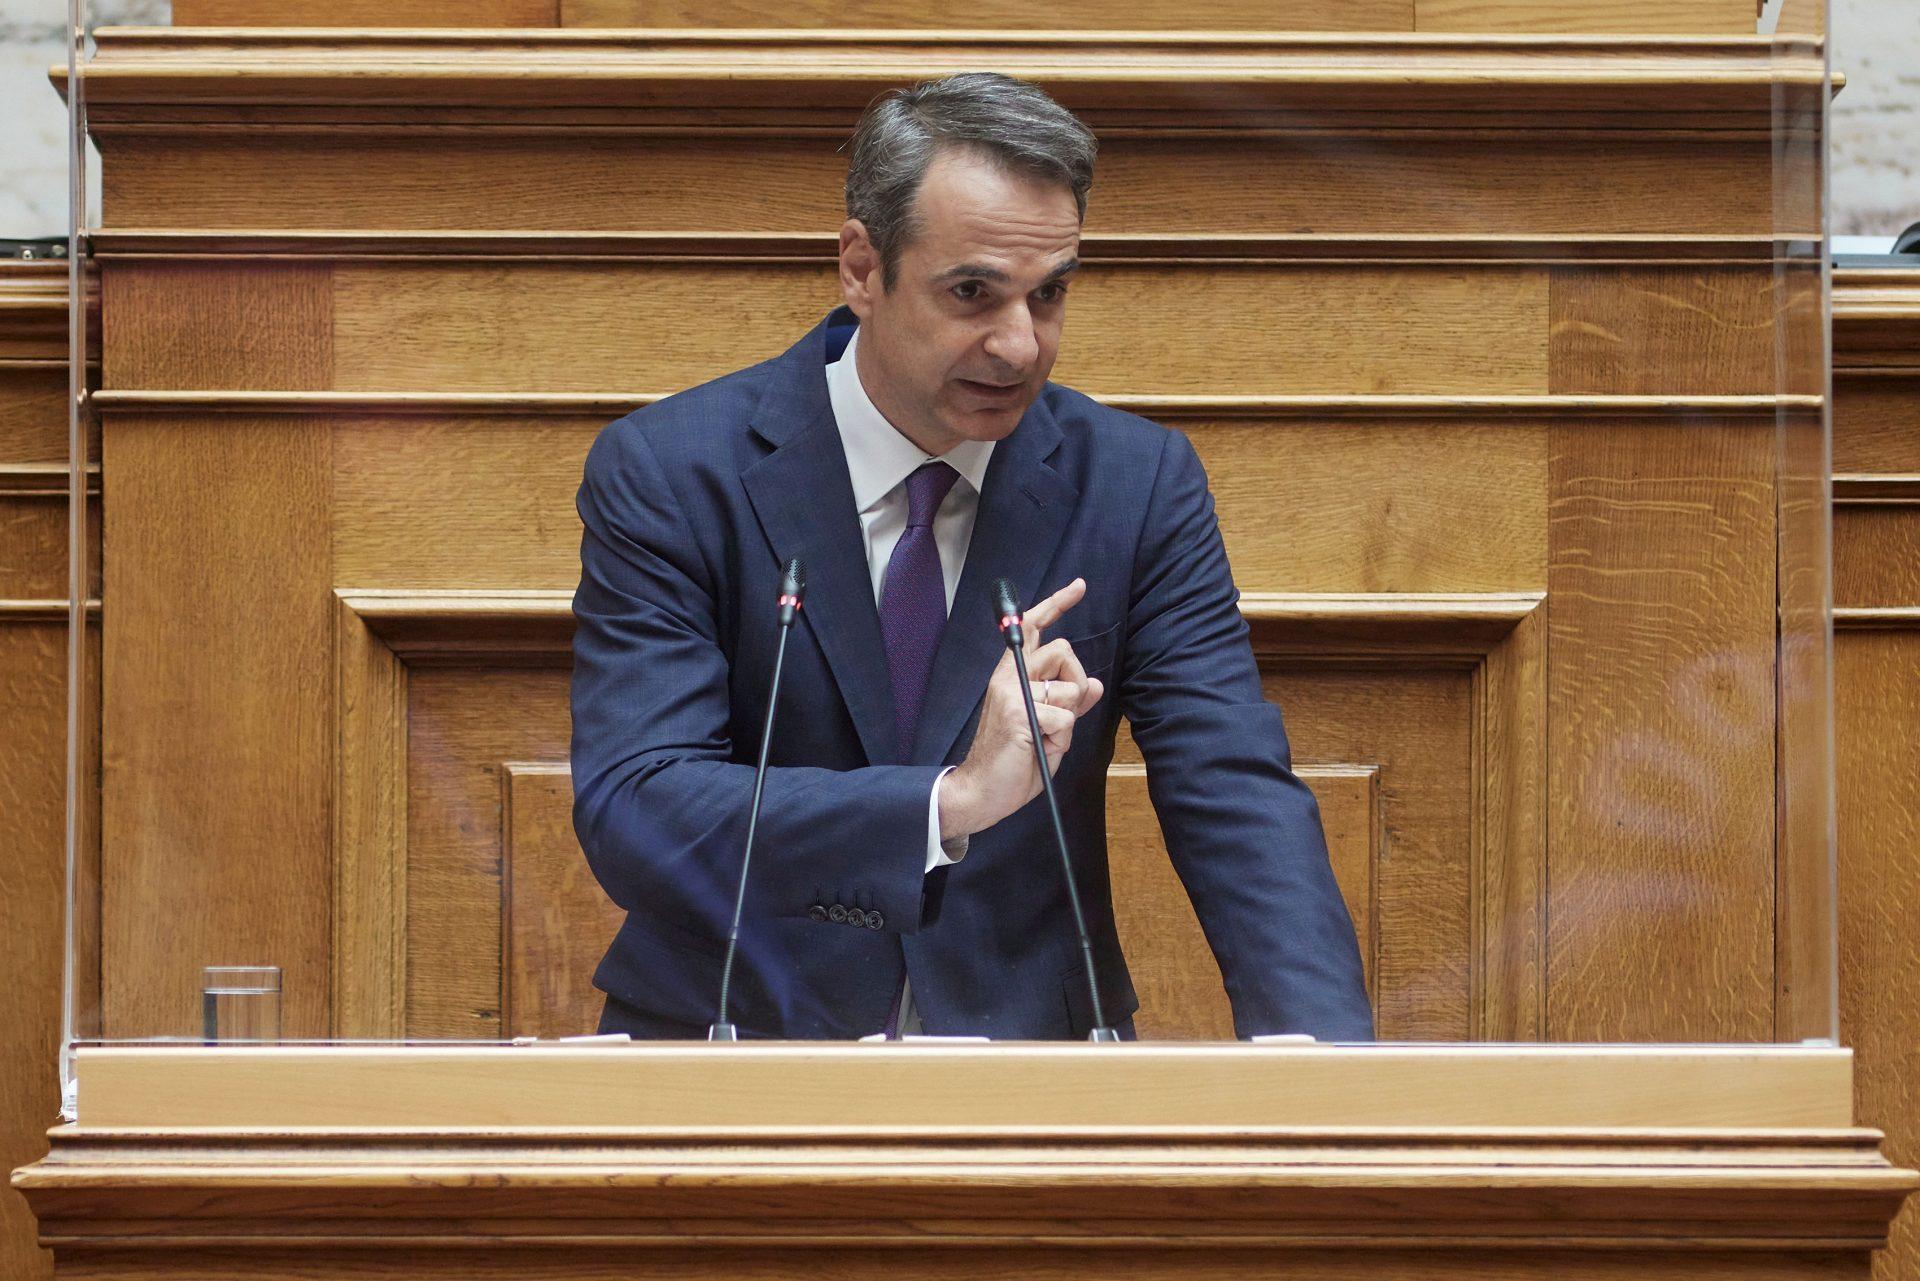 Αύριο η ομιλία Μητσοτάκη στη Βουλή για την Ελληνογαλλική συμφωνία